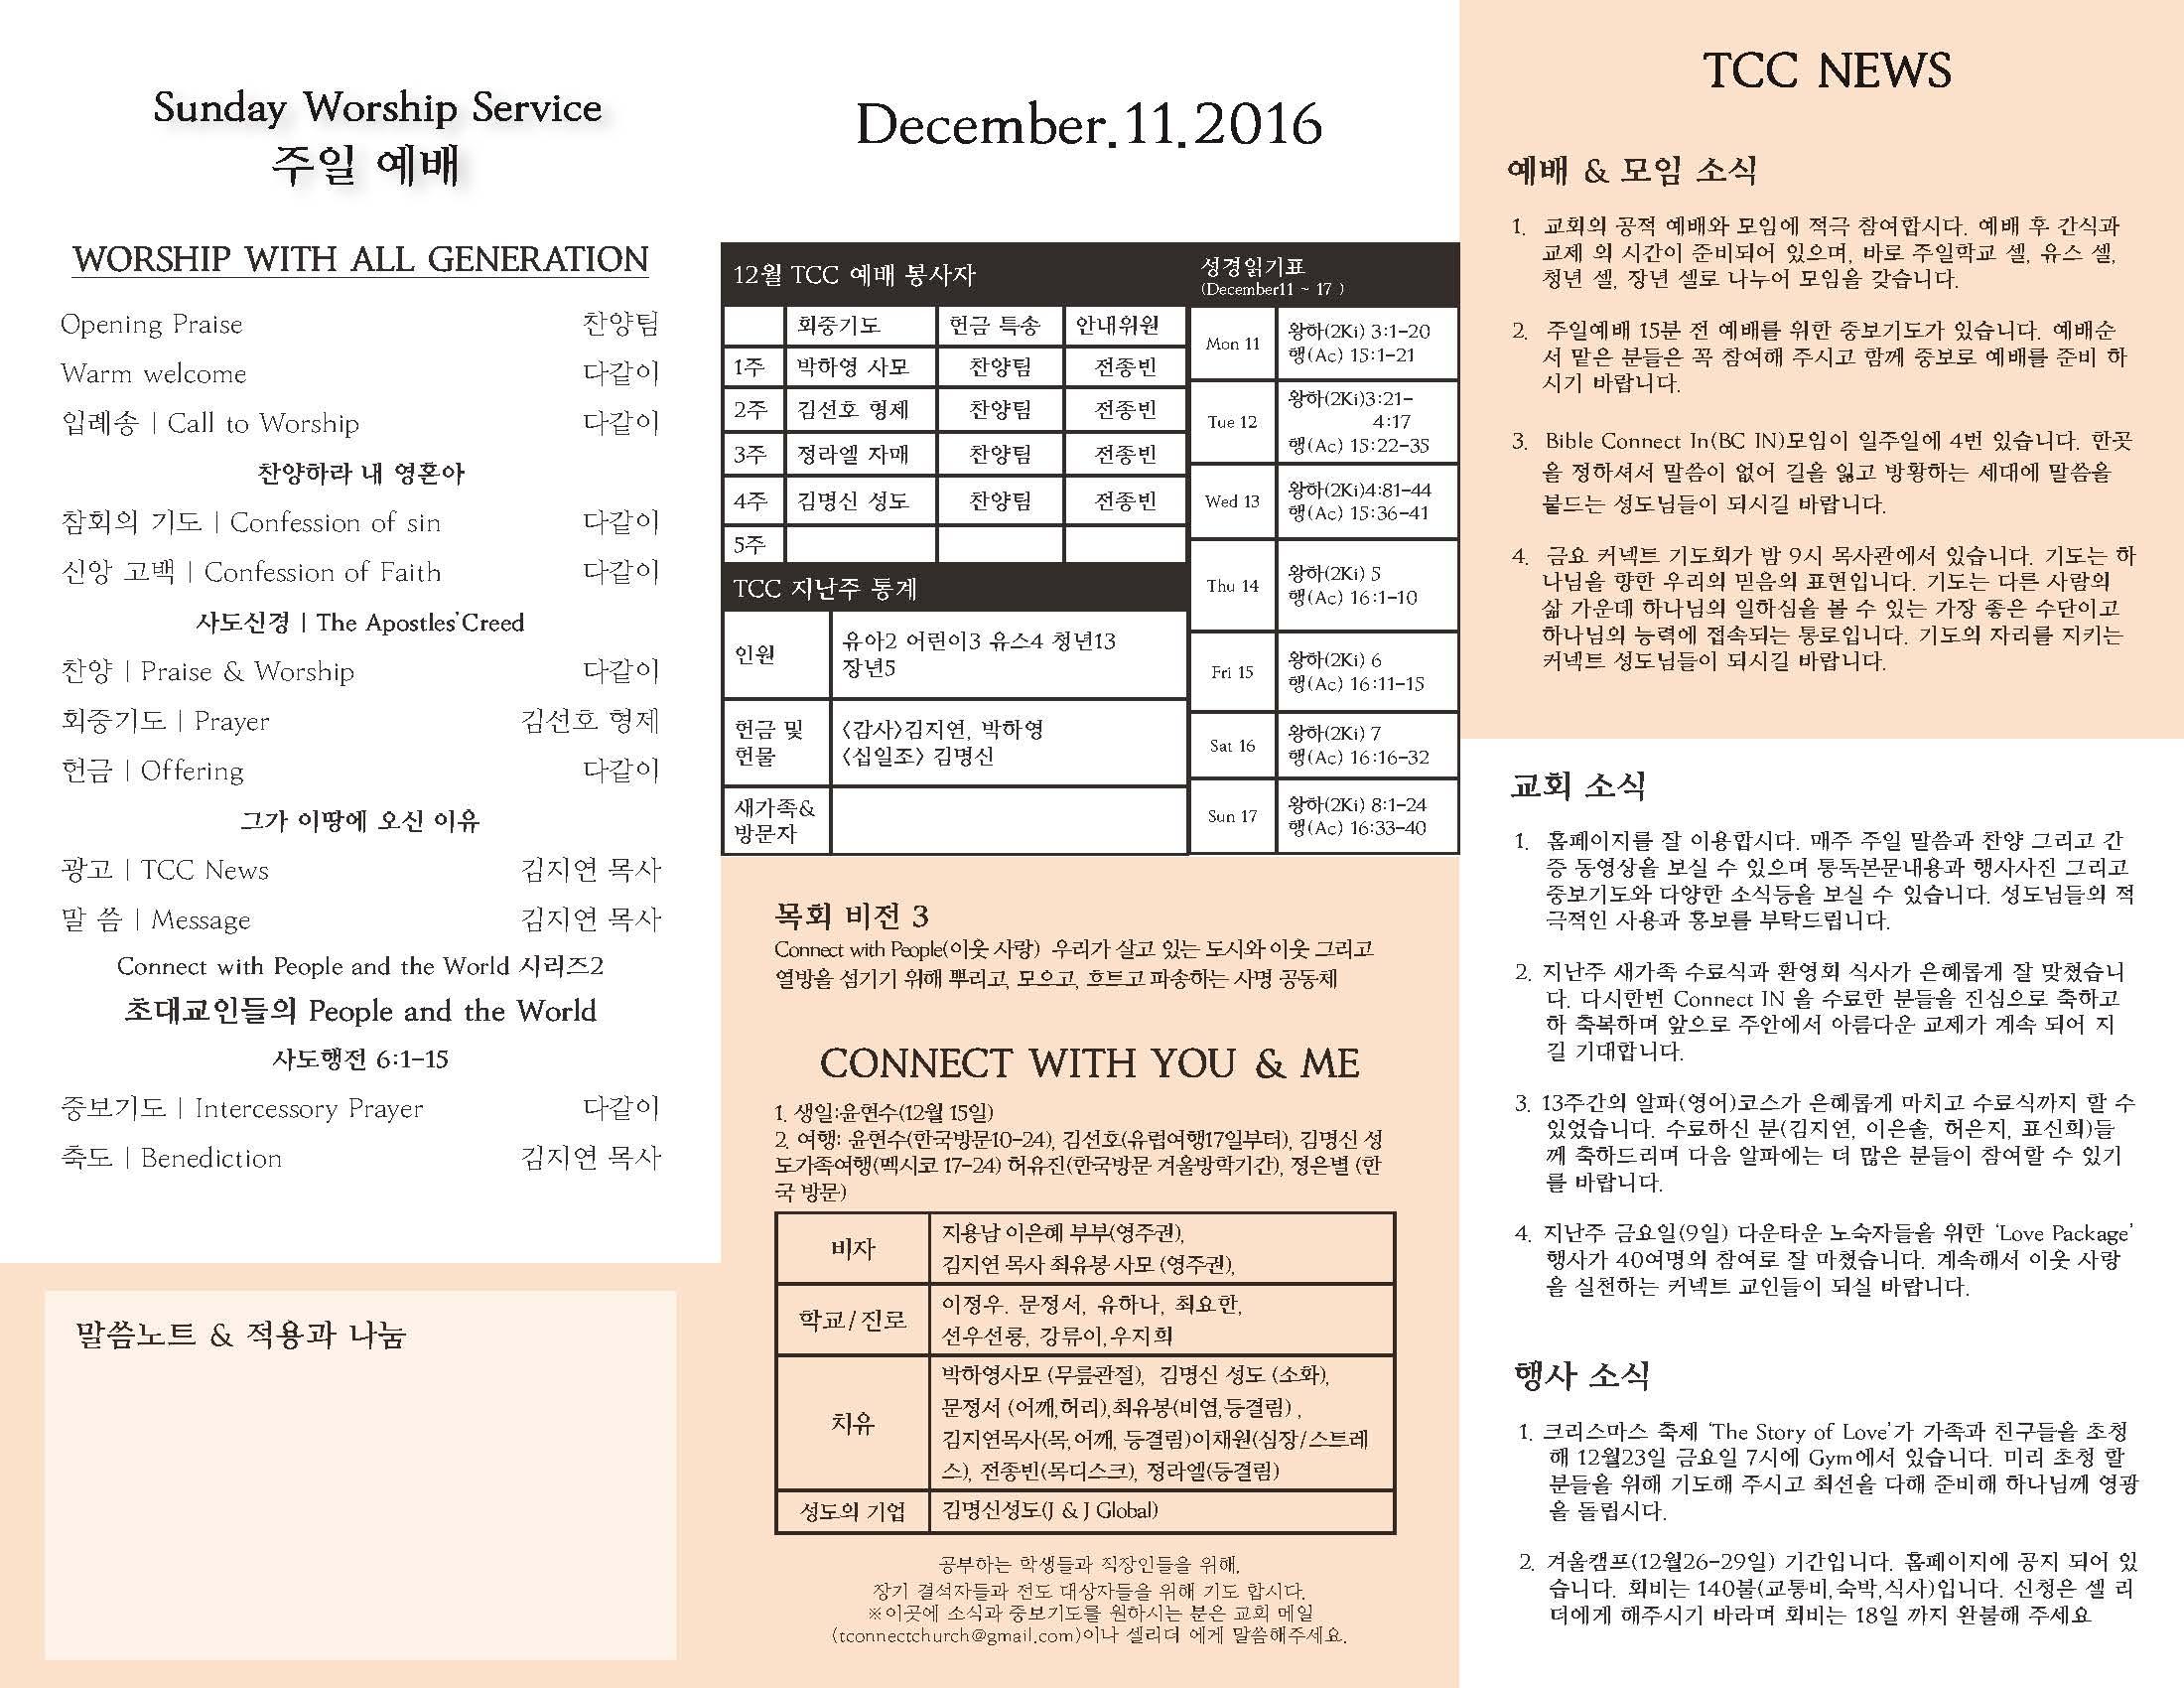 2016_12_11주보_1481431629.jpg